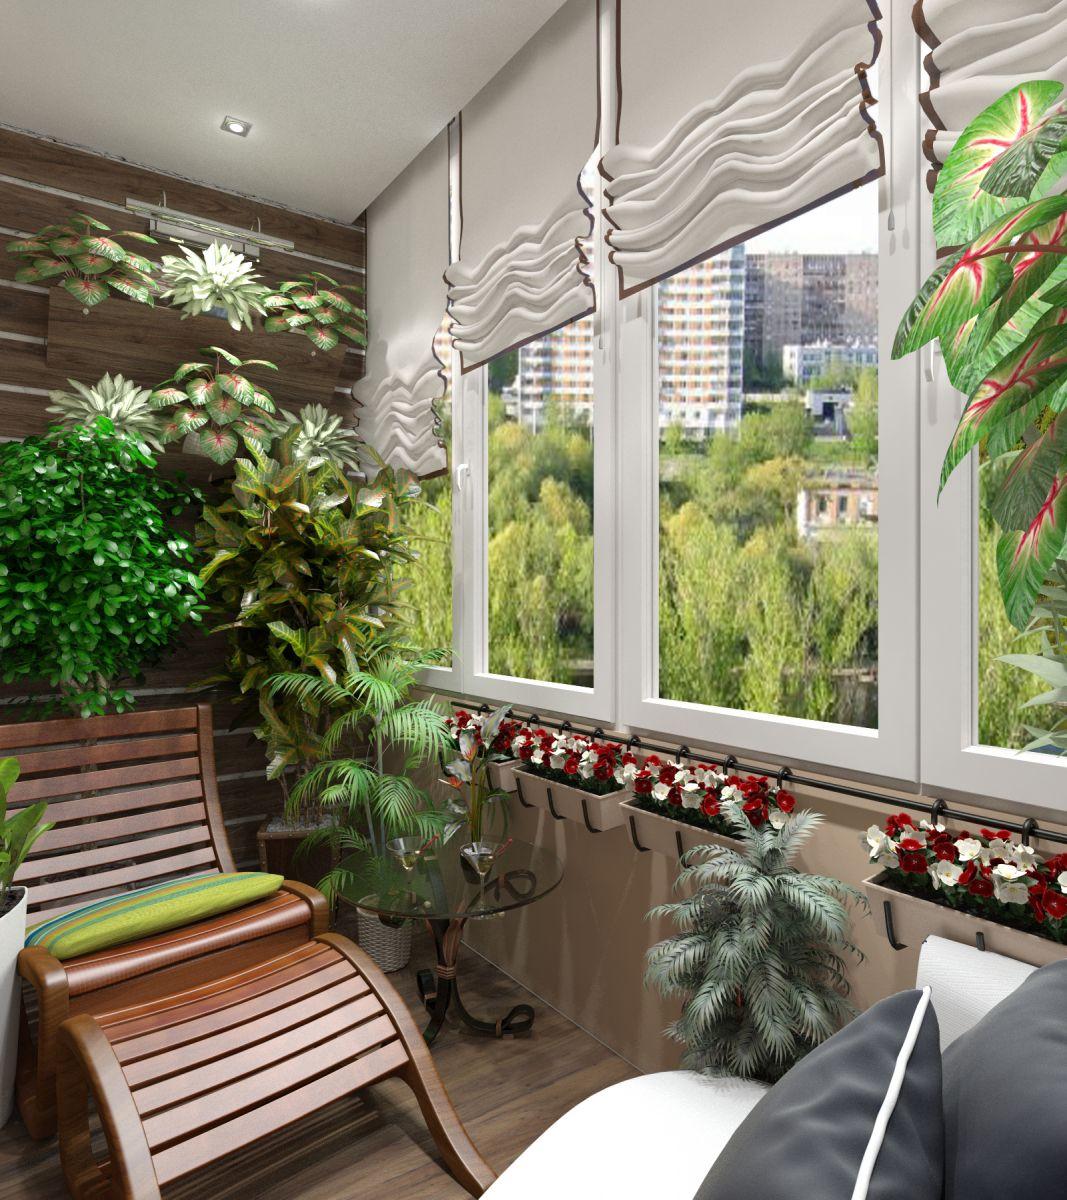 Лоджии панорамные дизайн фото - выбираем шторы для балкона и.